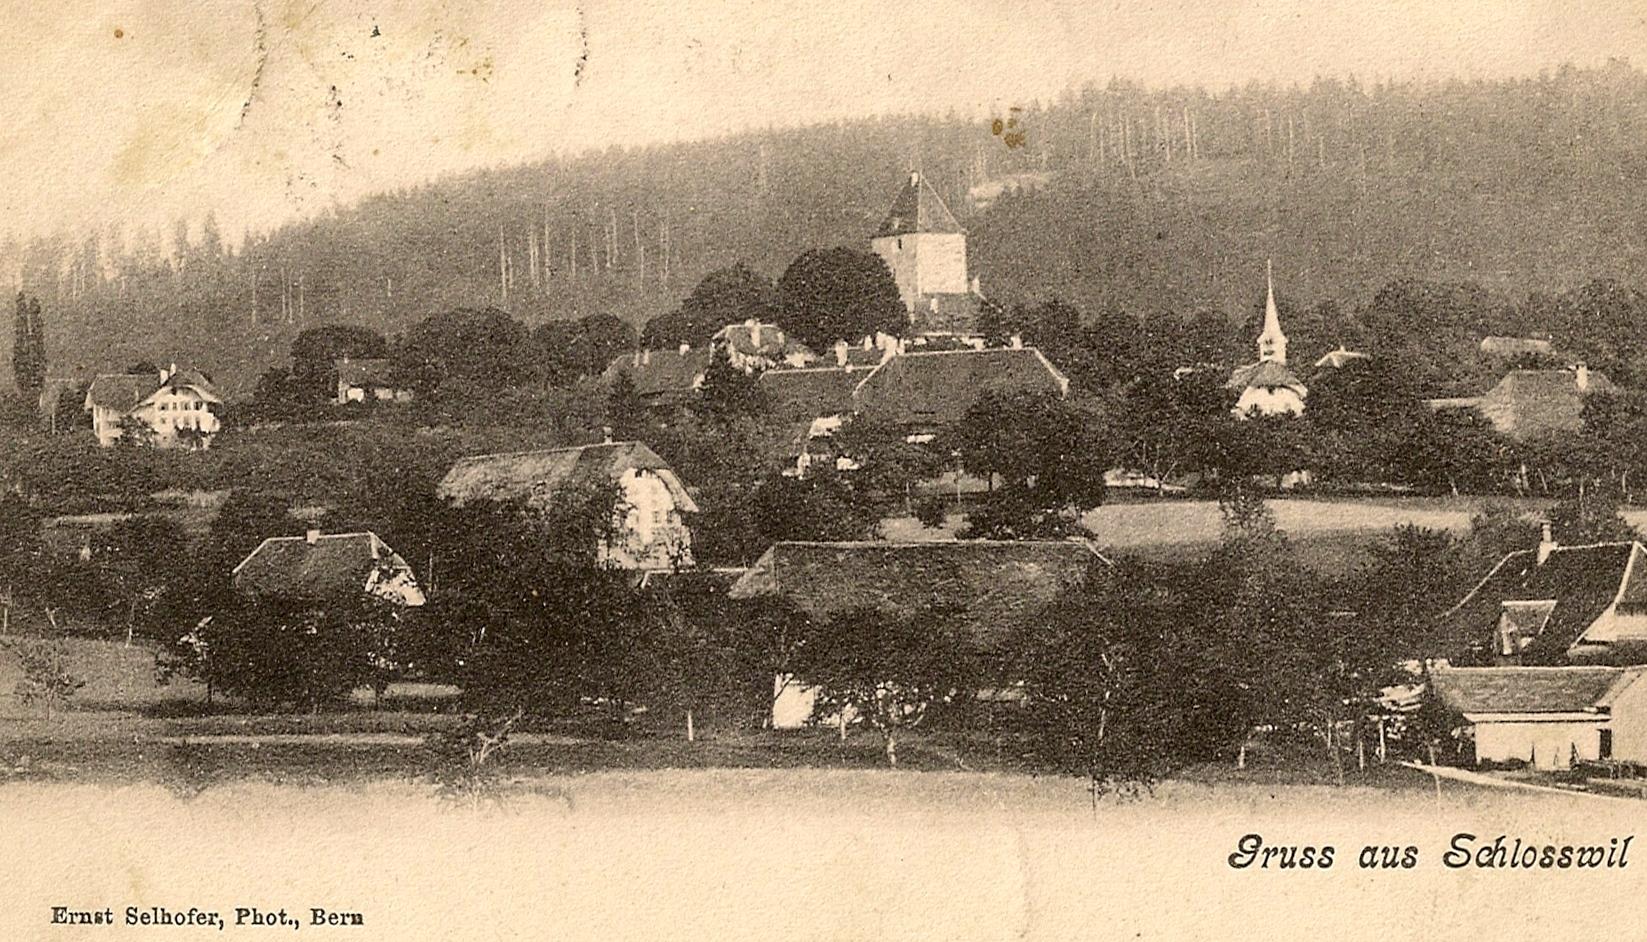 Schlosswil (Berne)